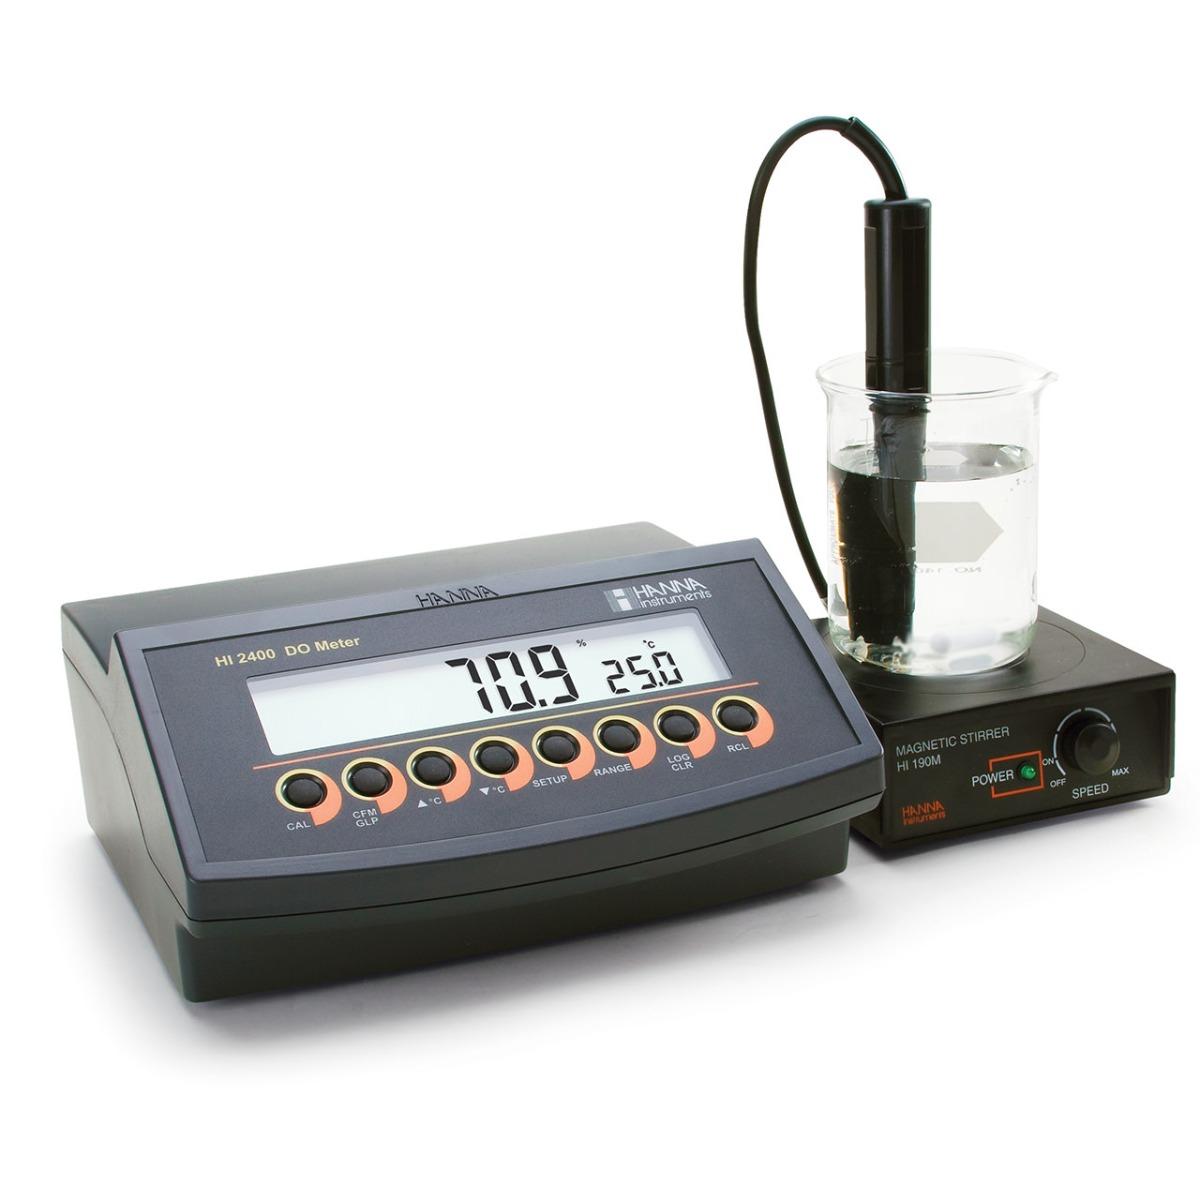 HI2400 Dissolved Oxygen Benchtop Meter